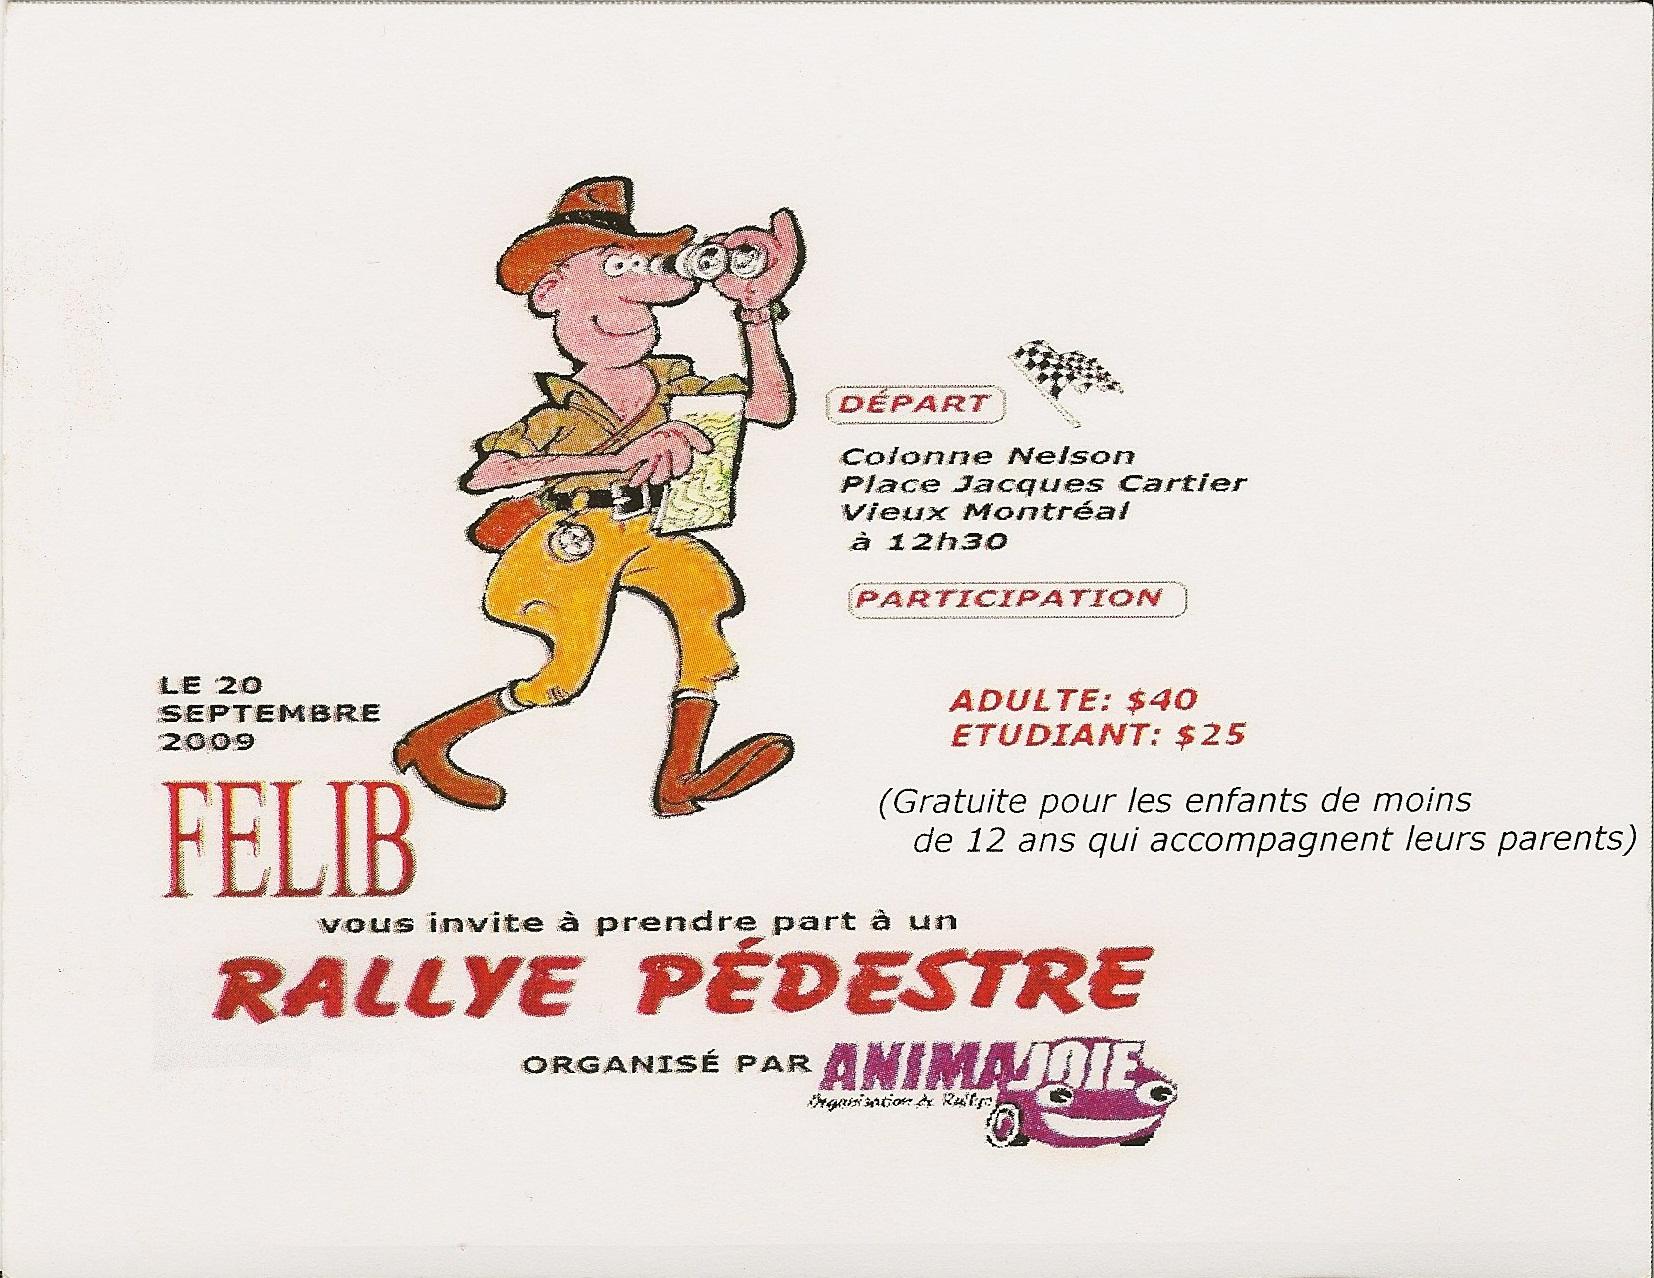 felib_rallye_pedestre